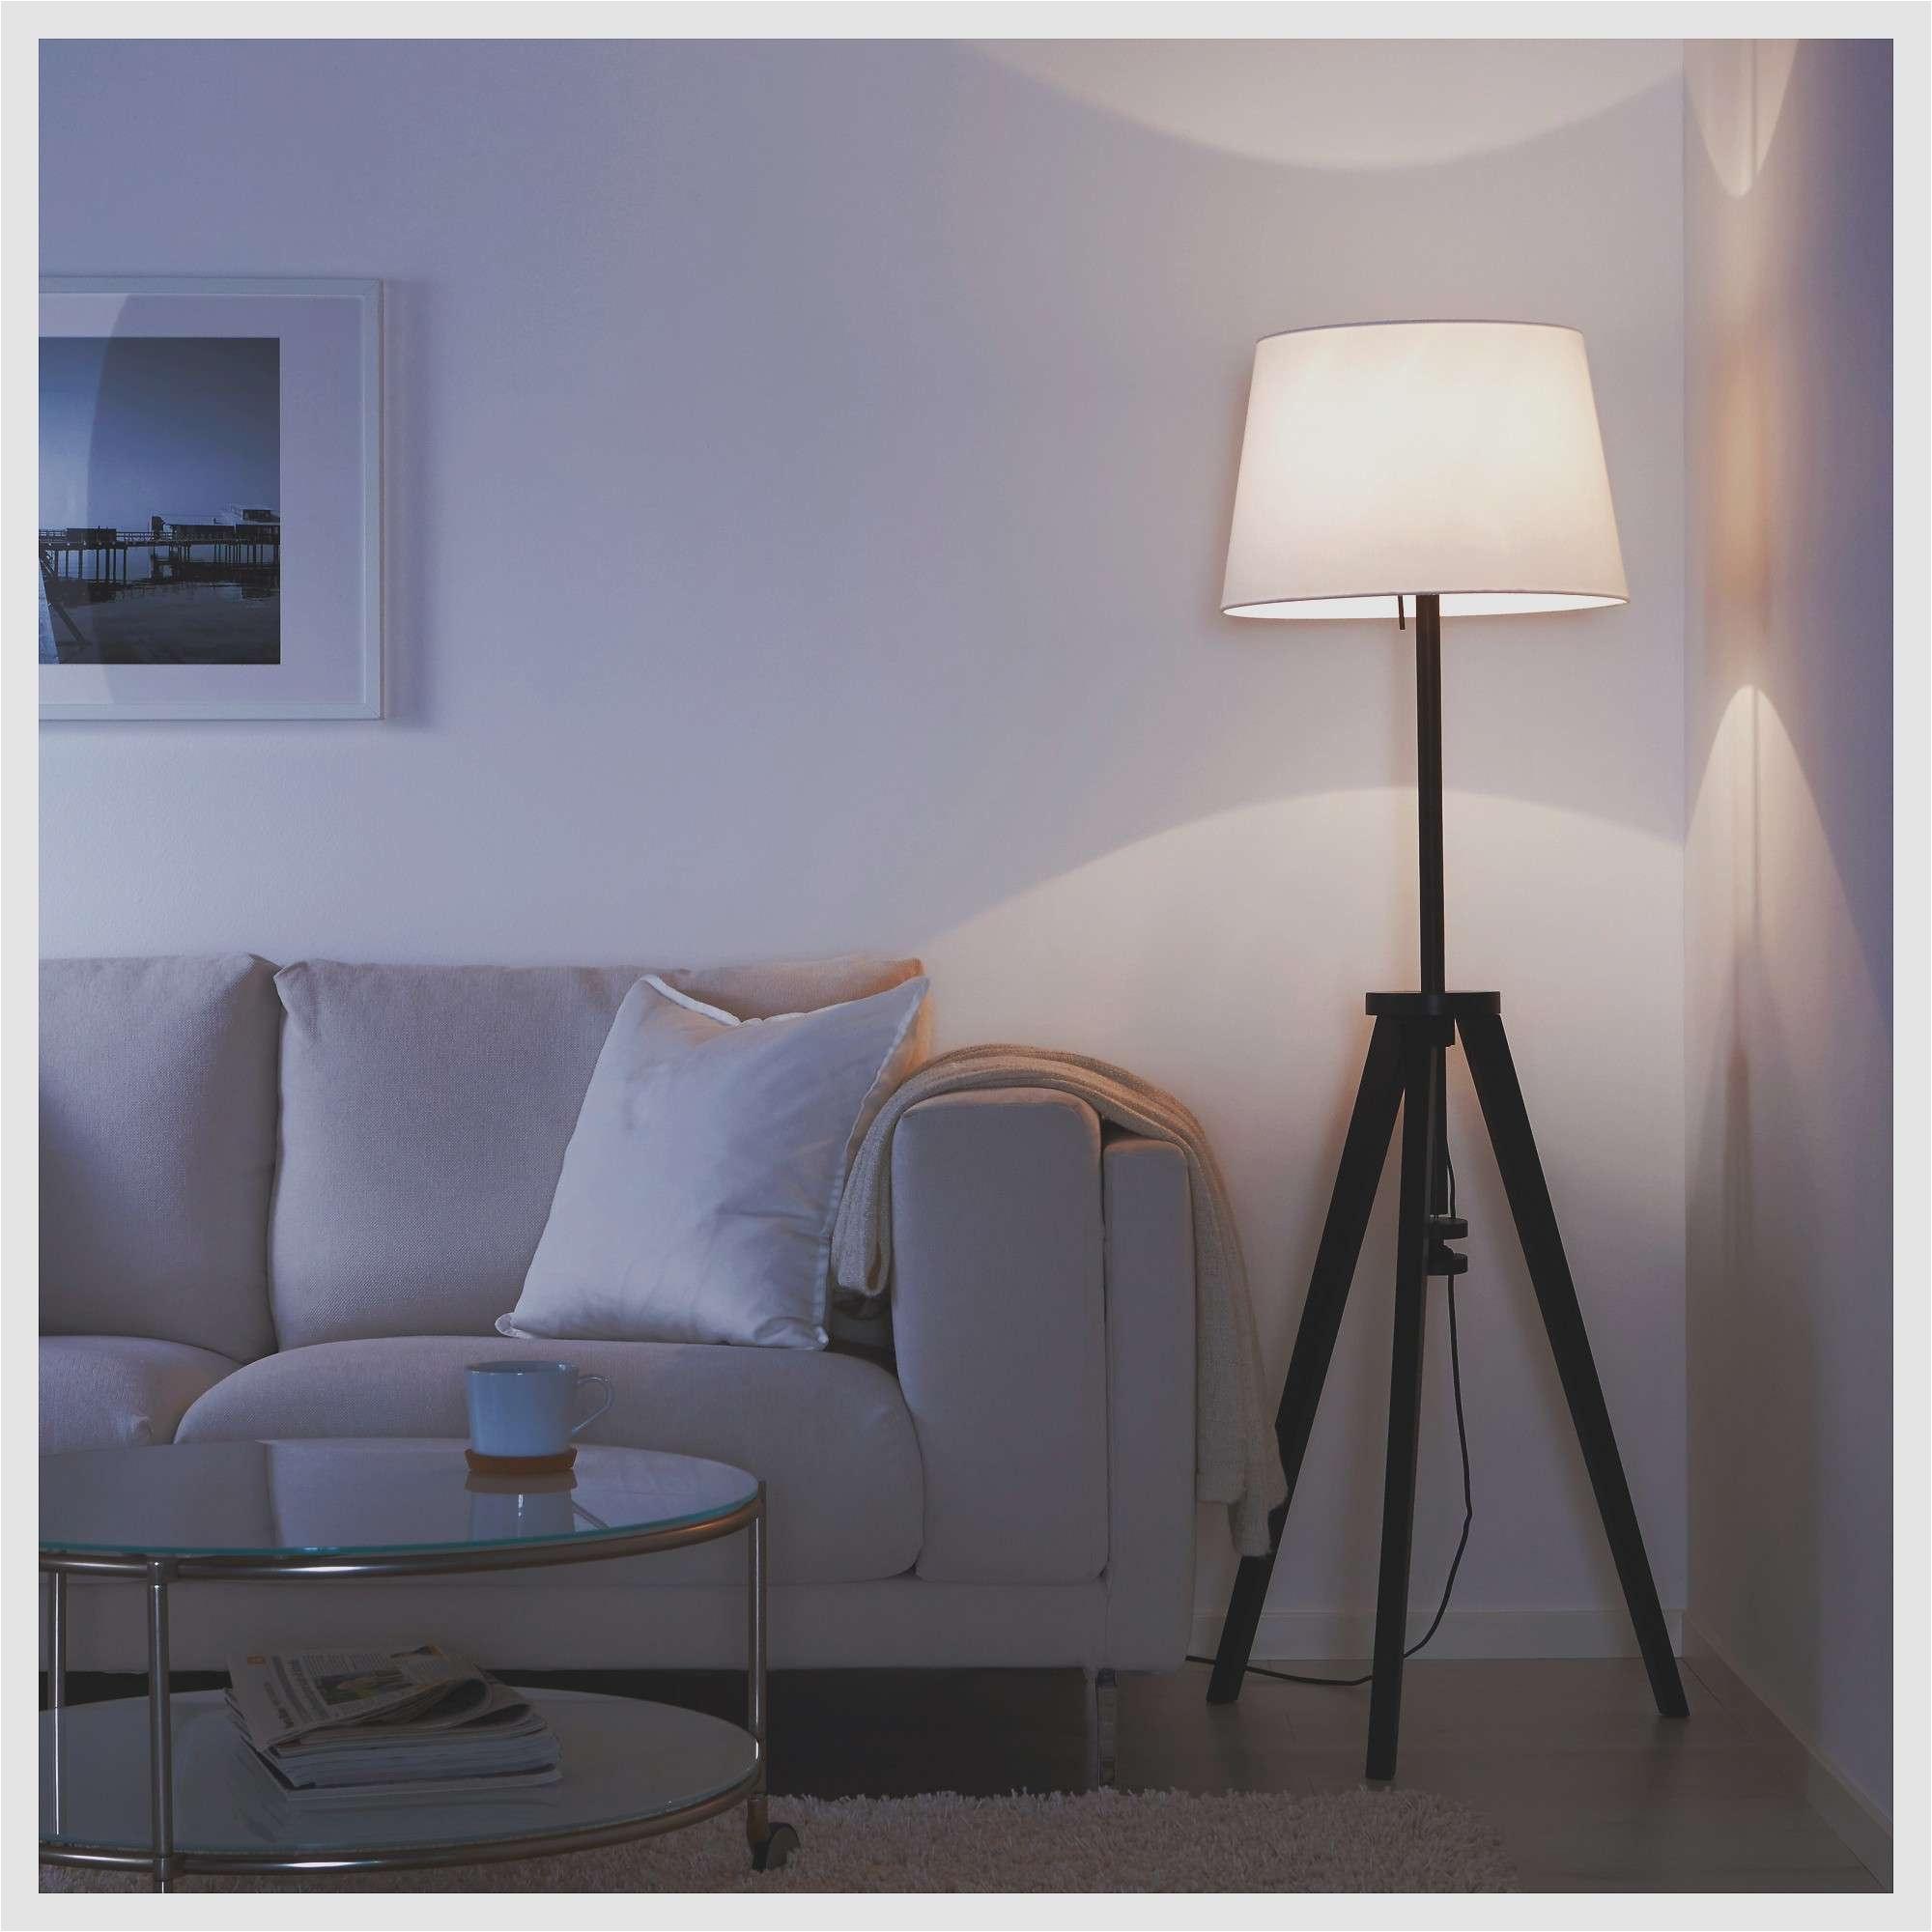 dimmable desk lamp ikea lovely frisch ikea kupfer lampe